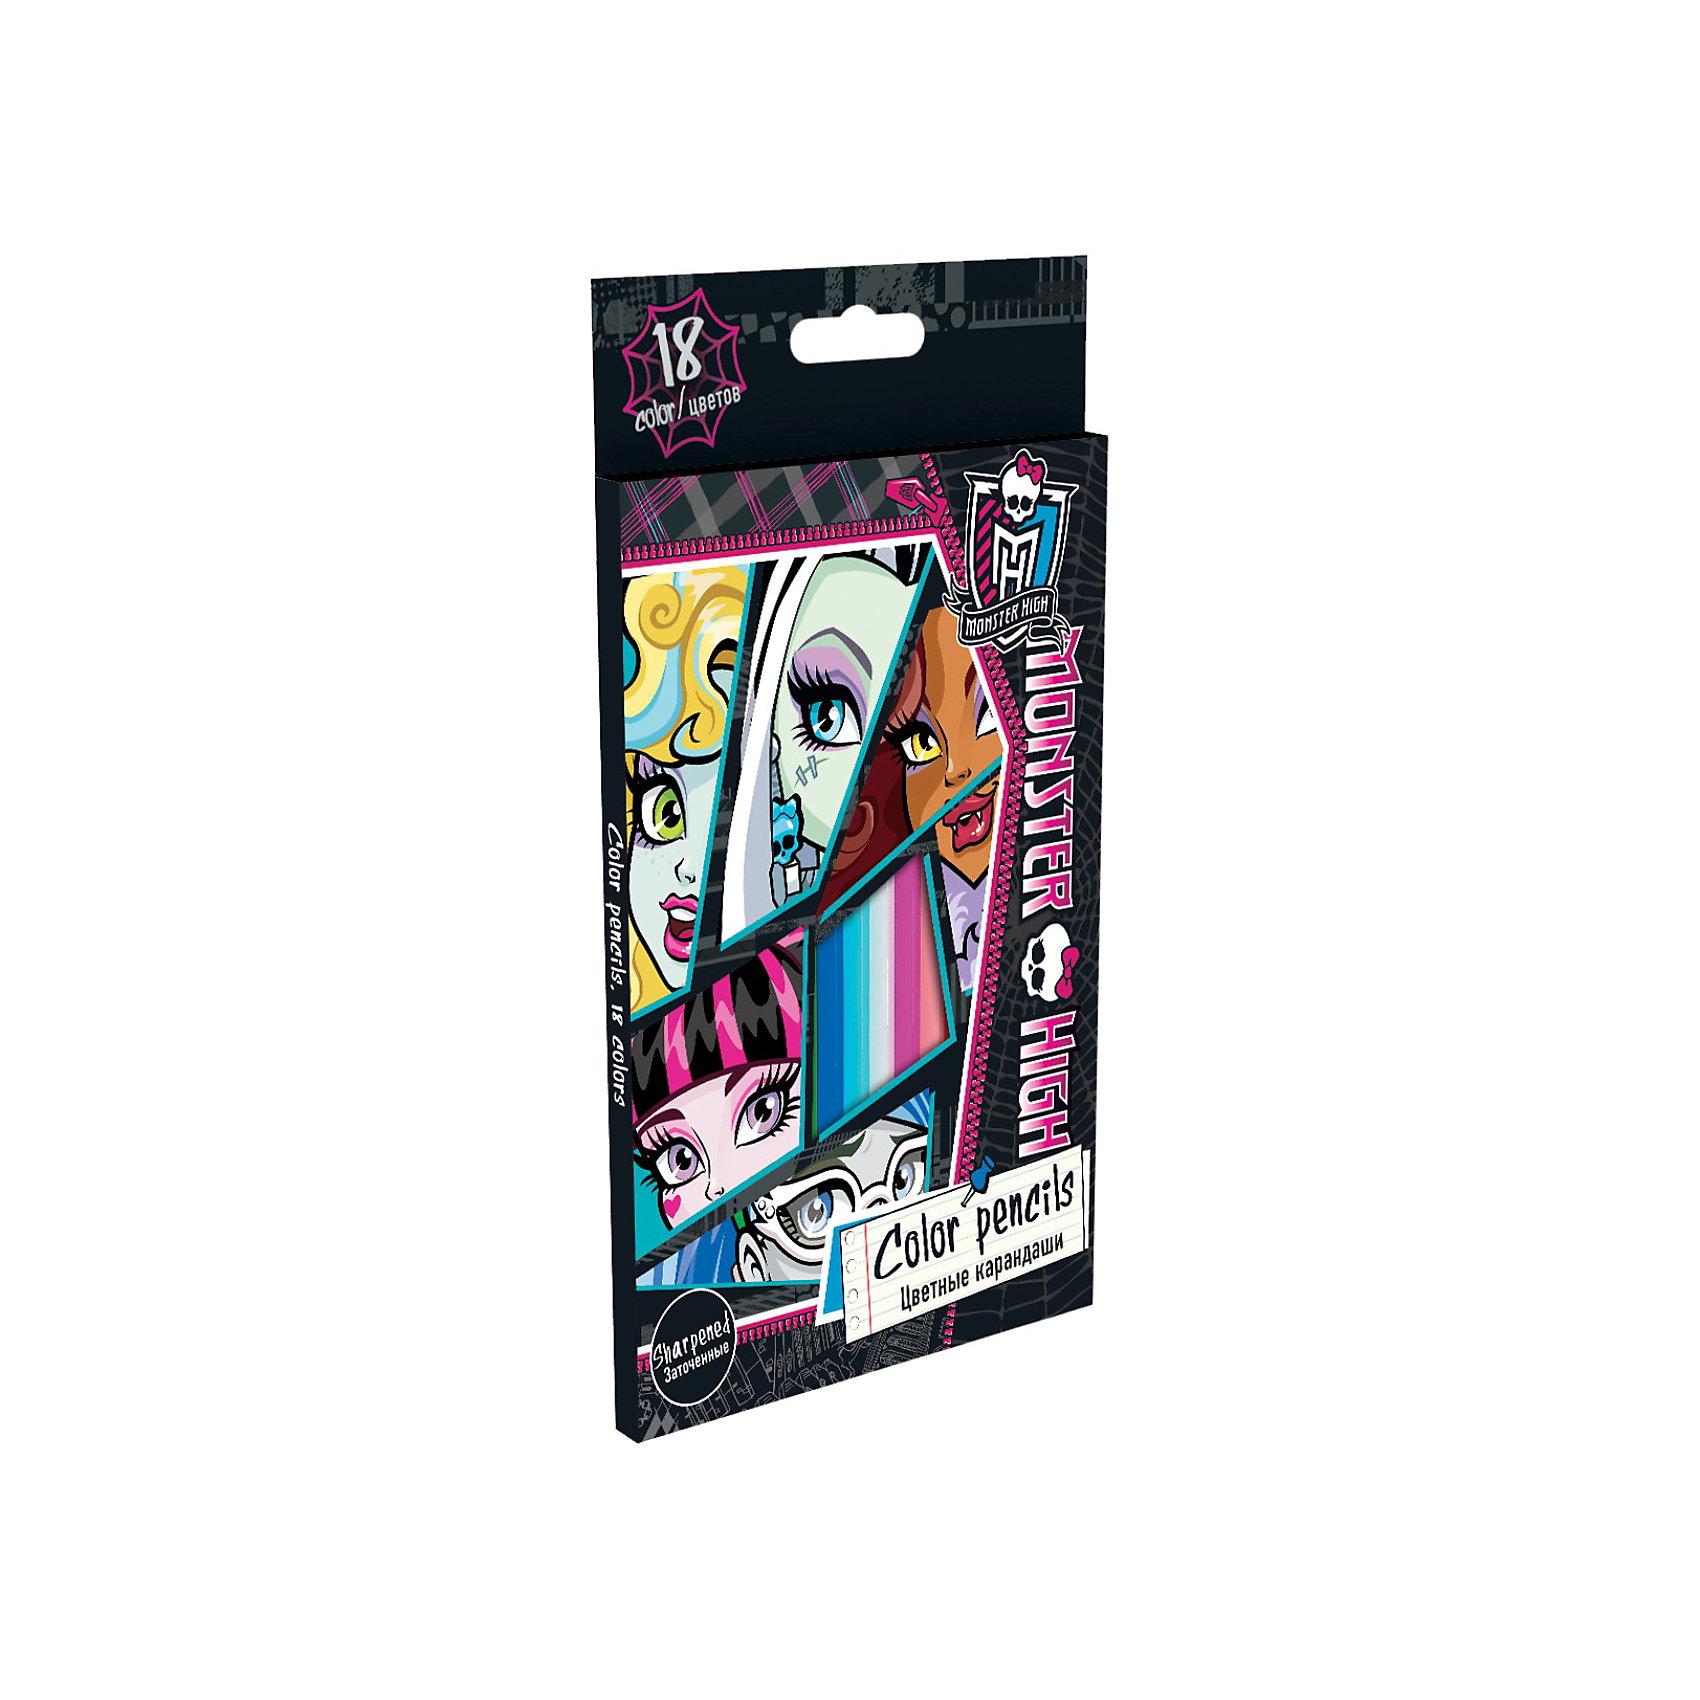 Цветные карандаши, 18 шт, Monster HighMonster High<br>Цветные карандаши, 18 шт, Monster High (Монстр Хай) - замечательный подарок для начинающих девочек-художников!<br>Яркие, насыщенные цвета карандашей Monster High помогут вашей доченьке передать свои фантазии и идеи на бумаге. Карандаши имеют шестигранную форму, что очень удобно при использовании.<br><br>Дополнительная информация:<br><br>- Карандашей в наборе: 18штук<br>- Длина карандаша: 17,8 см.<br>- Прочный цветной грифель: диаметр 3 мм.<br>- Размер в упаковке: 215х50х10 мм.<br>- Материал корпуса: дерево липа<br><br>Цветные карандаши, 18 шт, Monster High (Монстр Хай) можно купить в нашем интернет-магазине.<br><br>Ширина мм: 215<br>Глубина мм: 130<br>Высота мм: 10<br>Вес г: 100<br>Возраст от месяцев: 120<br>Возраст до месяцев: 144<br>Пол: Женский<br>Возраст: Детский<br>SKU: 3563242